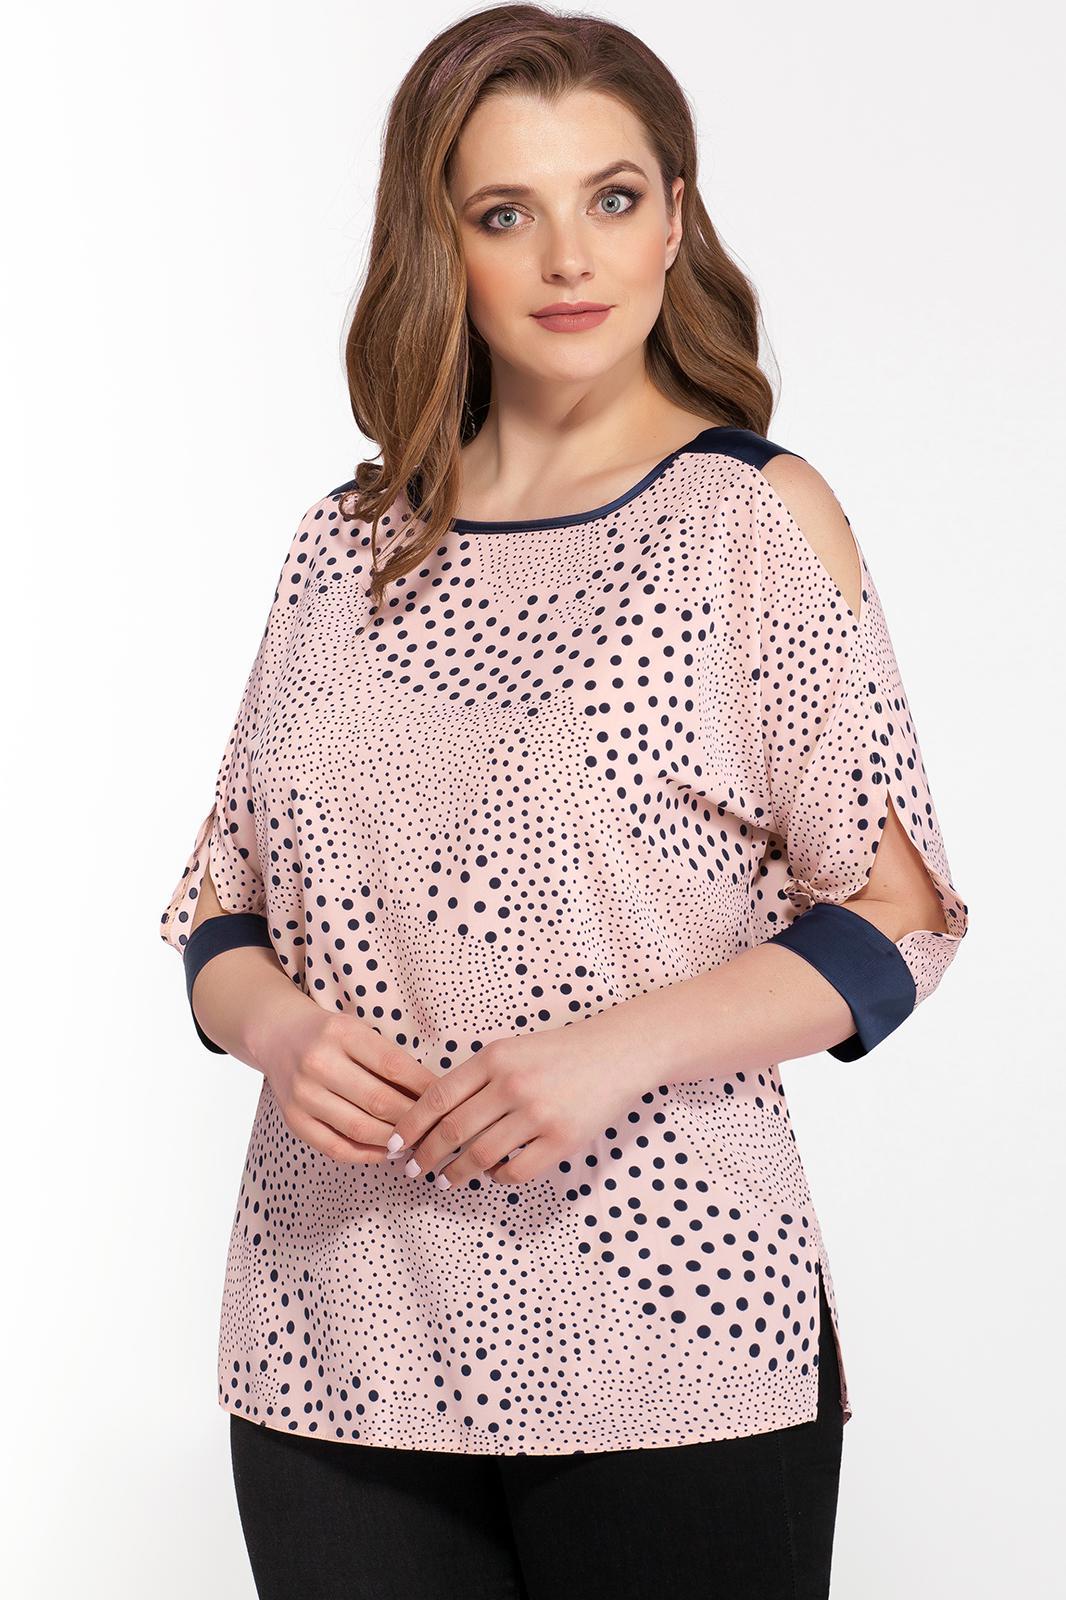 7cc759b139d Купить блузку большого размера в Минске. Блузки для полных женщин